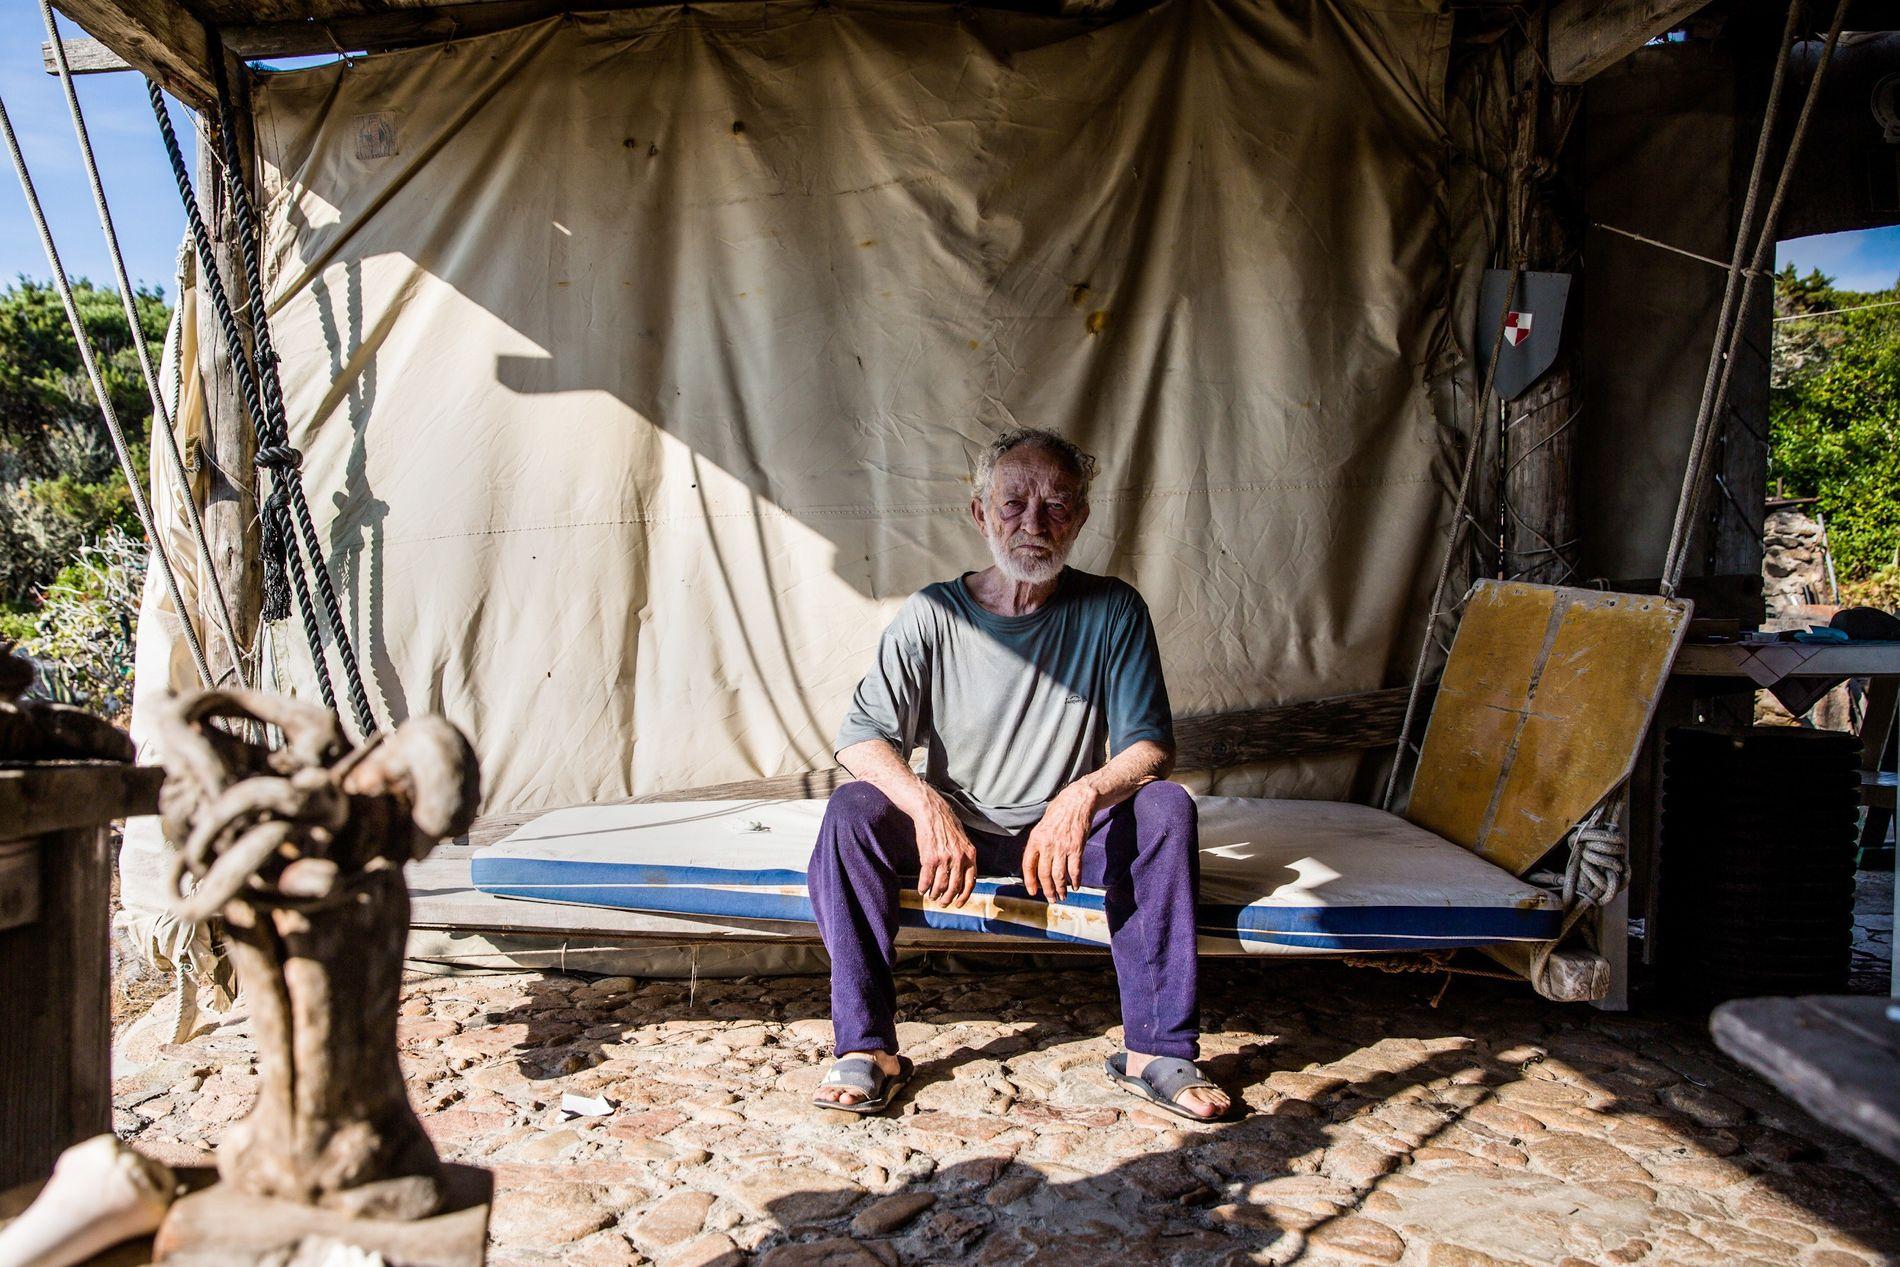 Conoce a Mauro Morandi, el hombre que ha vivido solo durante 31 años en una isla italiana | National Geographic